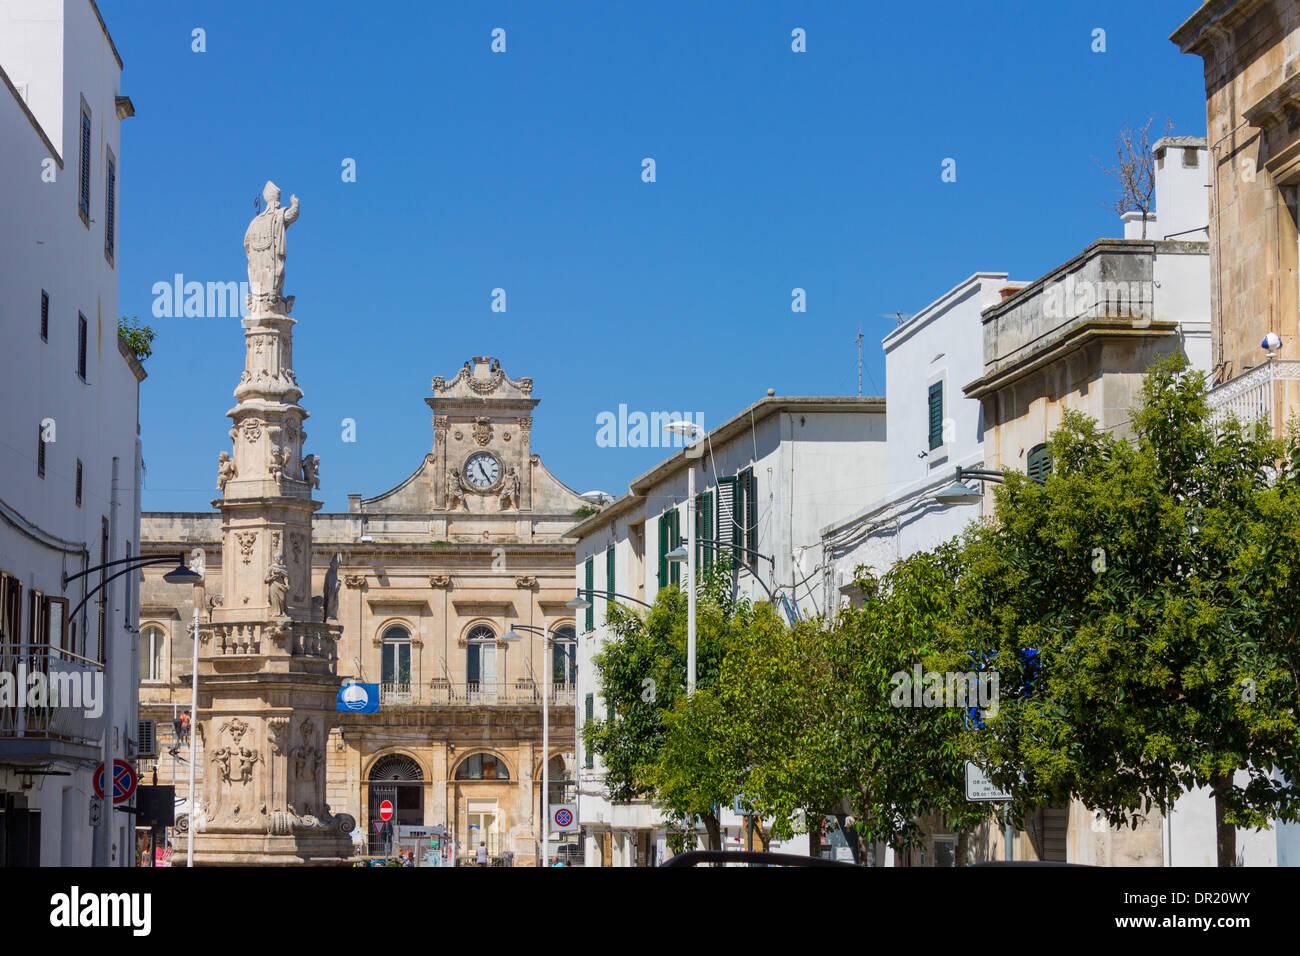 Italy, Apulia, Ostuni, Piazza della Libertà, St. Oronzo monument and city hall - Stock Image